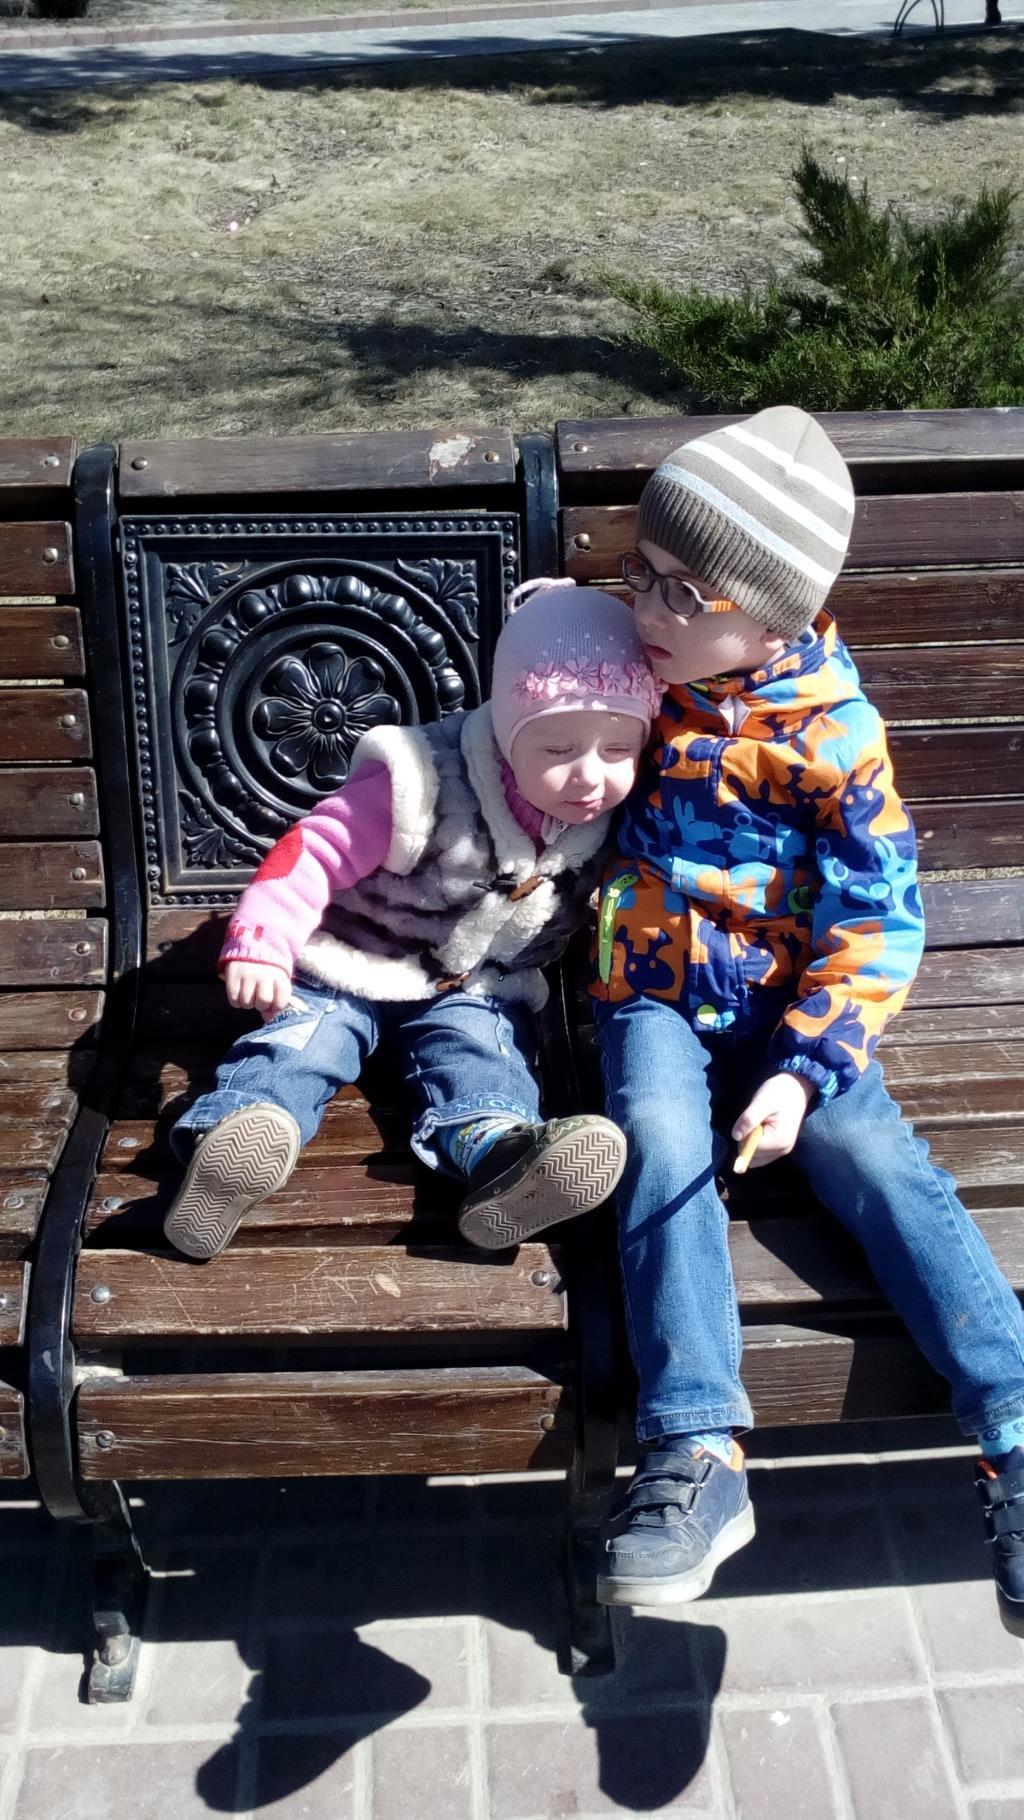 Счастье- в наших детях.... Счастье есть!